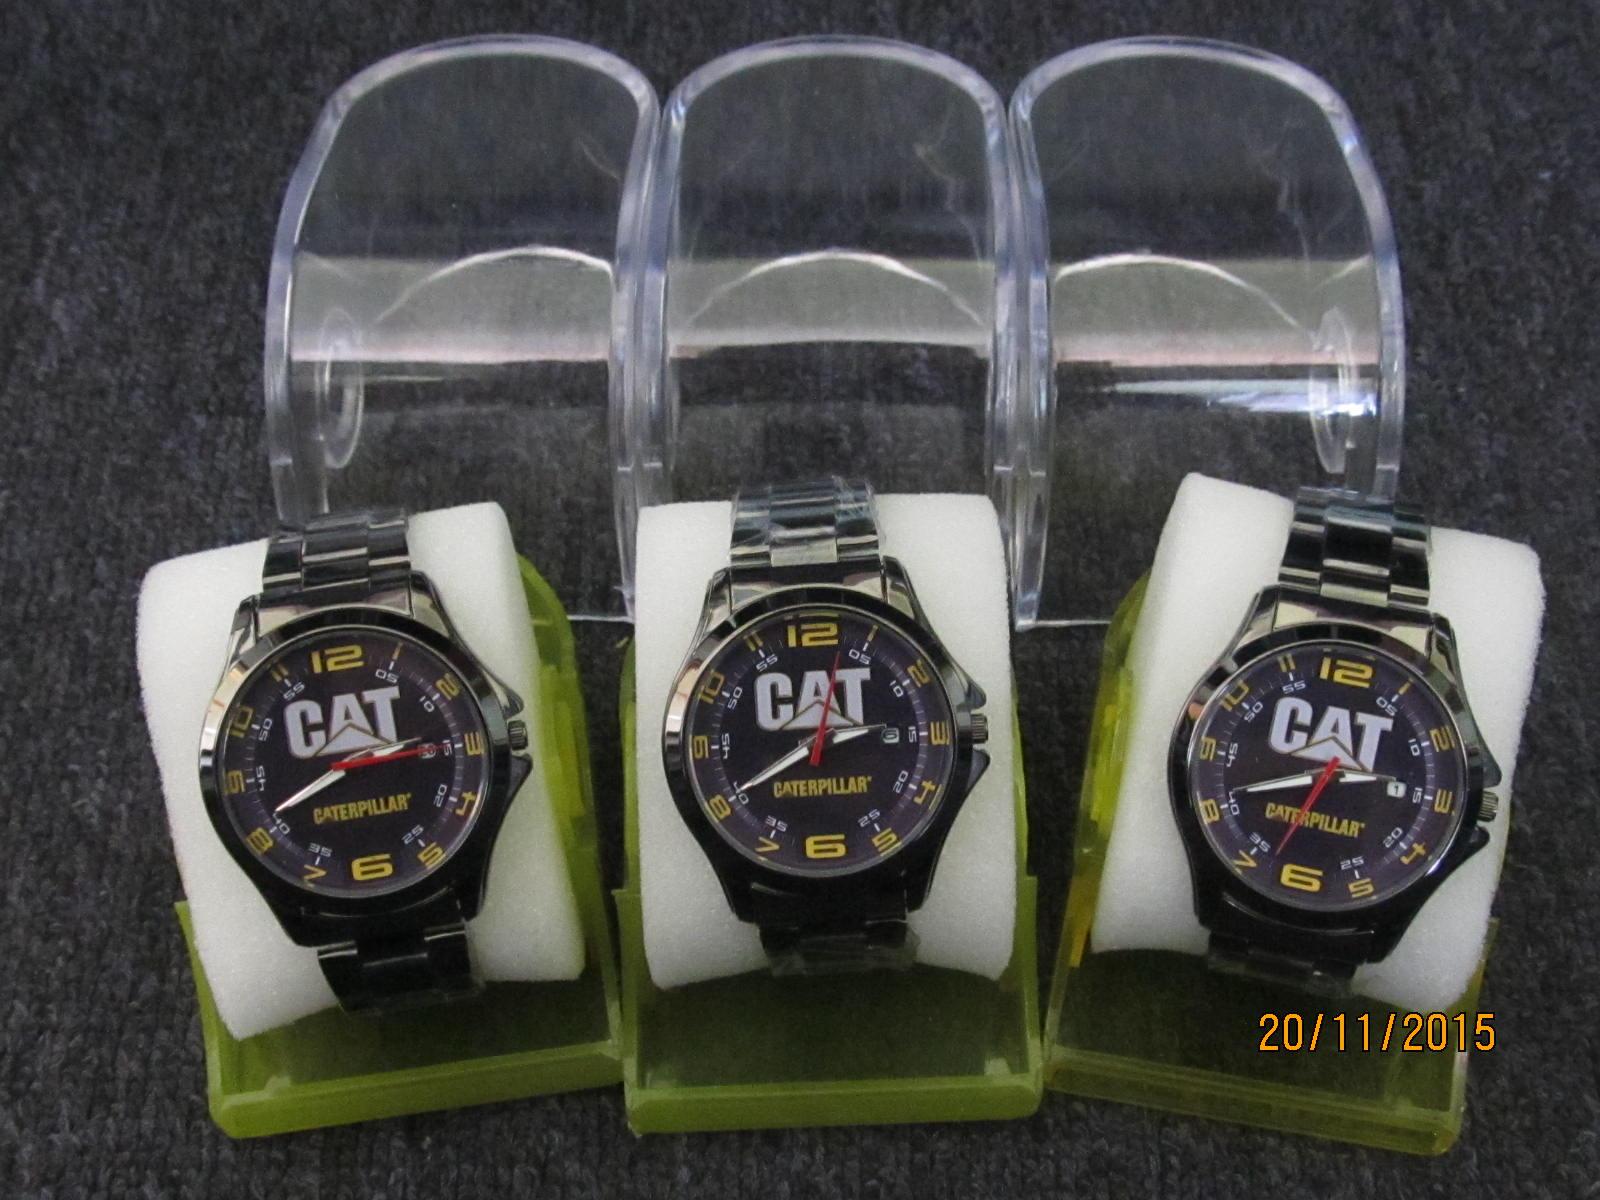 Jam Tangan Custom Oi Iwan Fals Gokil - Daftar Harga Terkini dan ... -